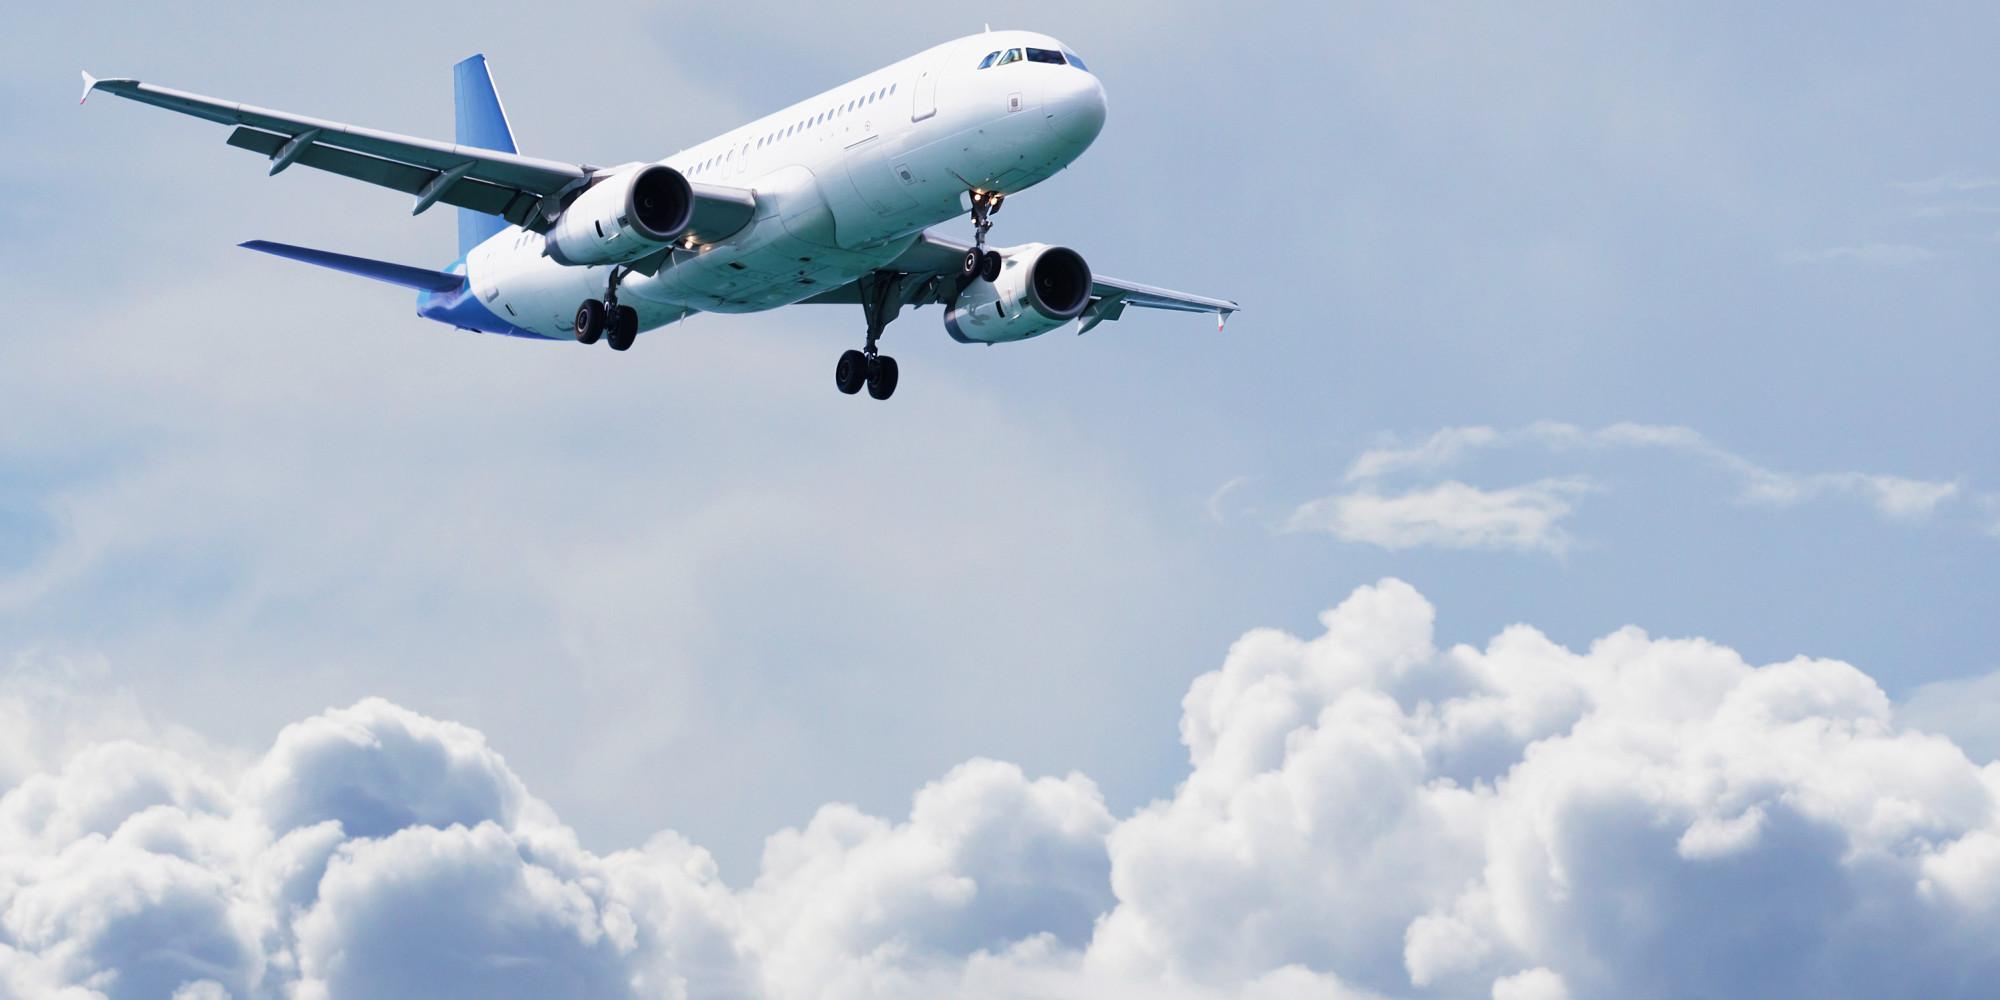 Sharjah to Calicut flights